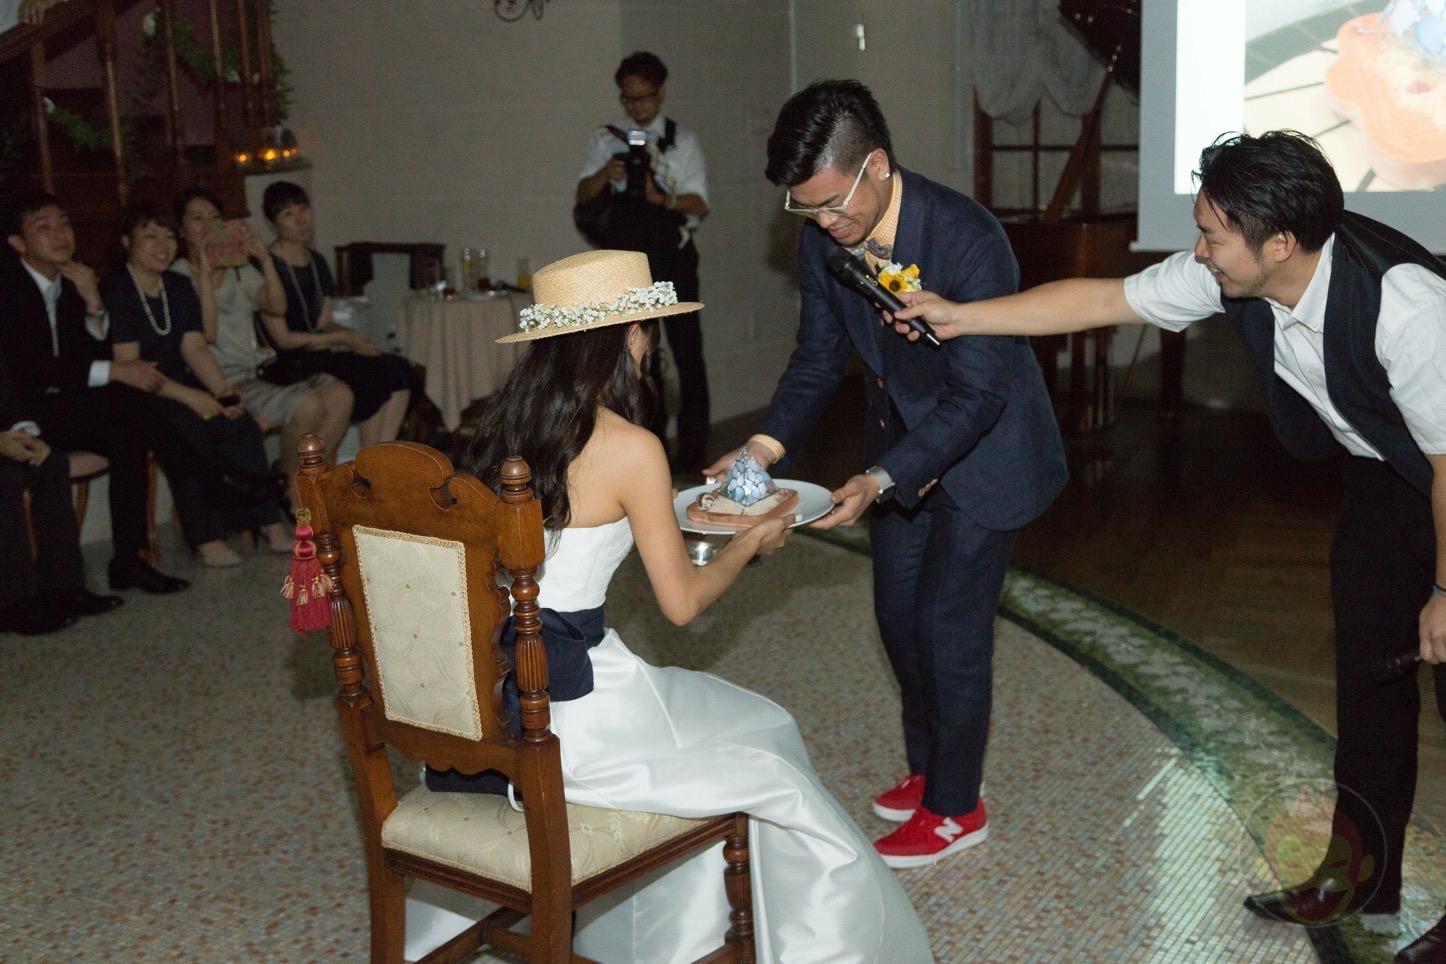 Hanzoya Wedding GoriMeYomeMe